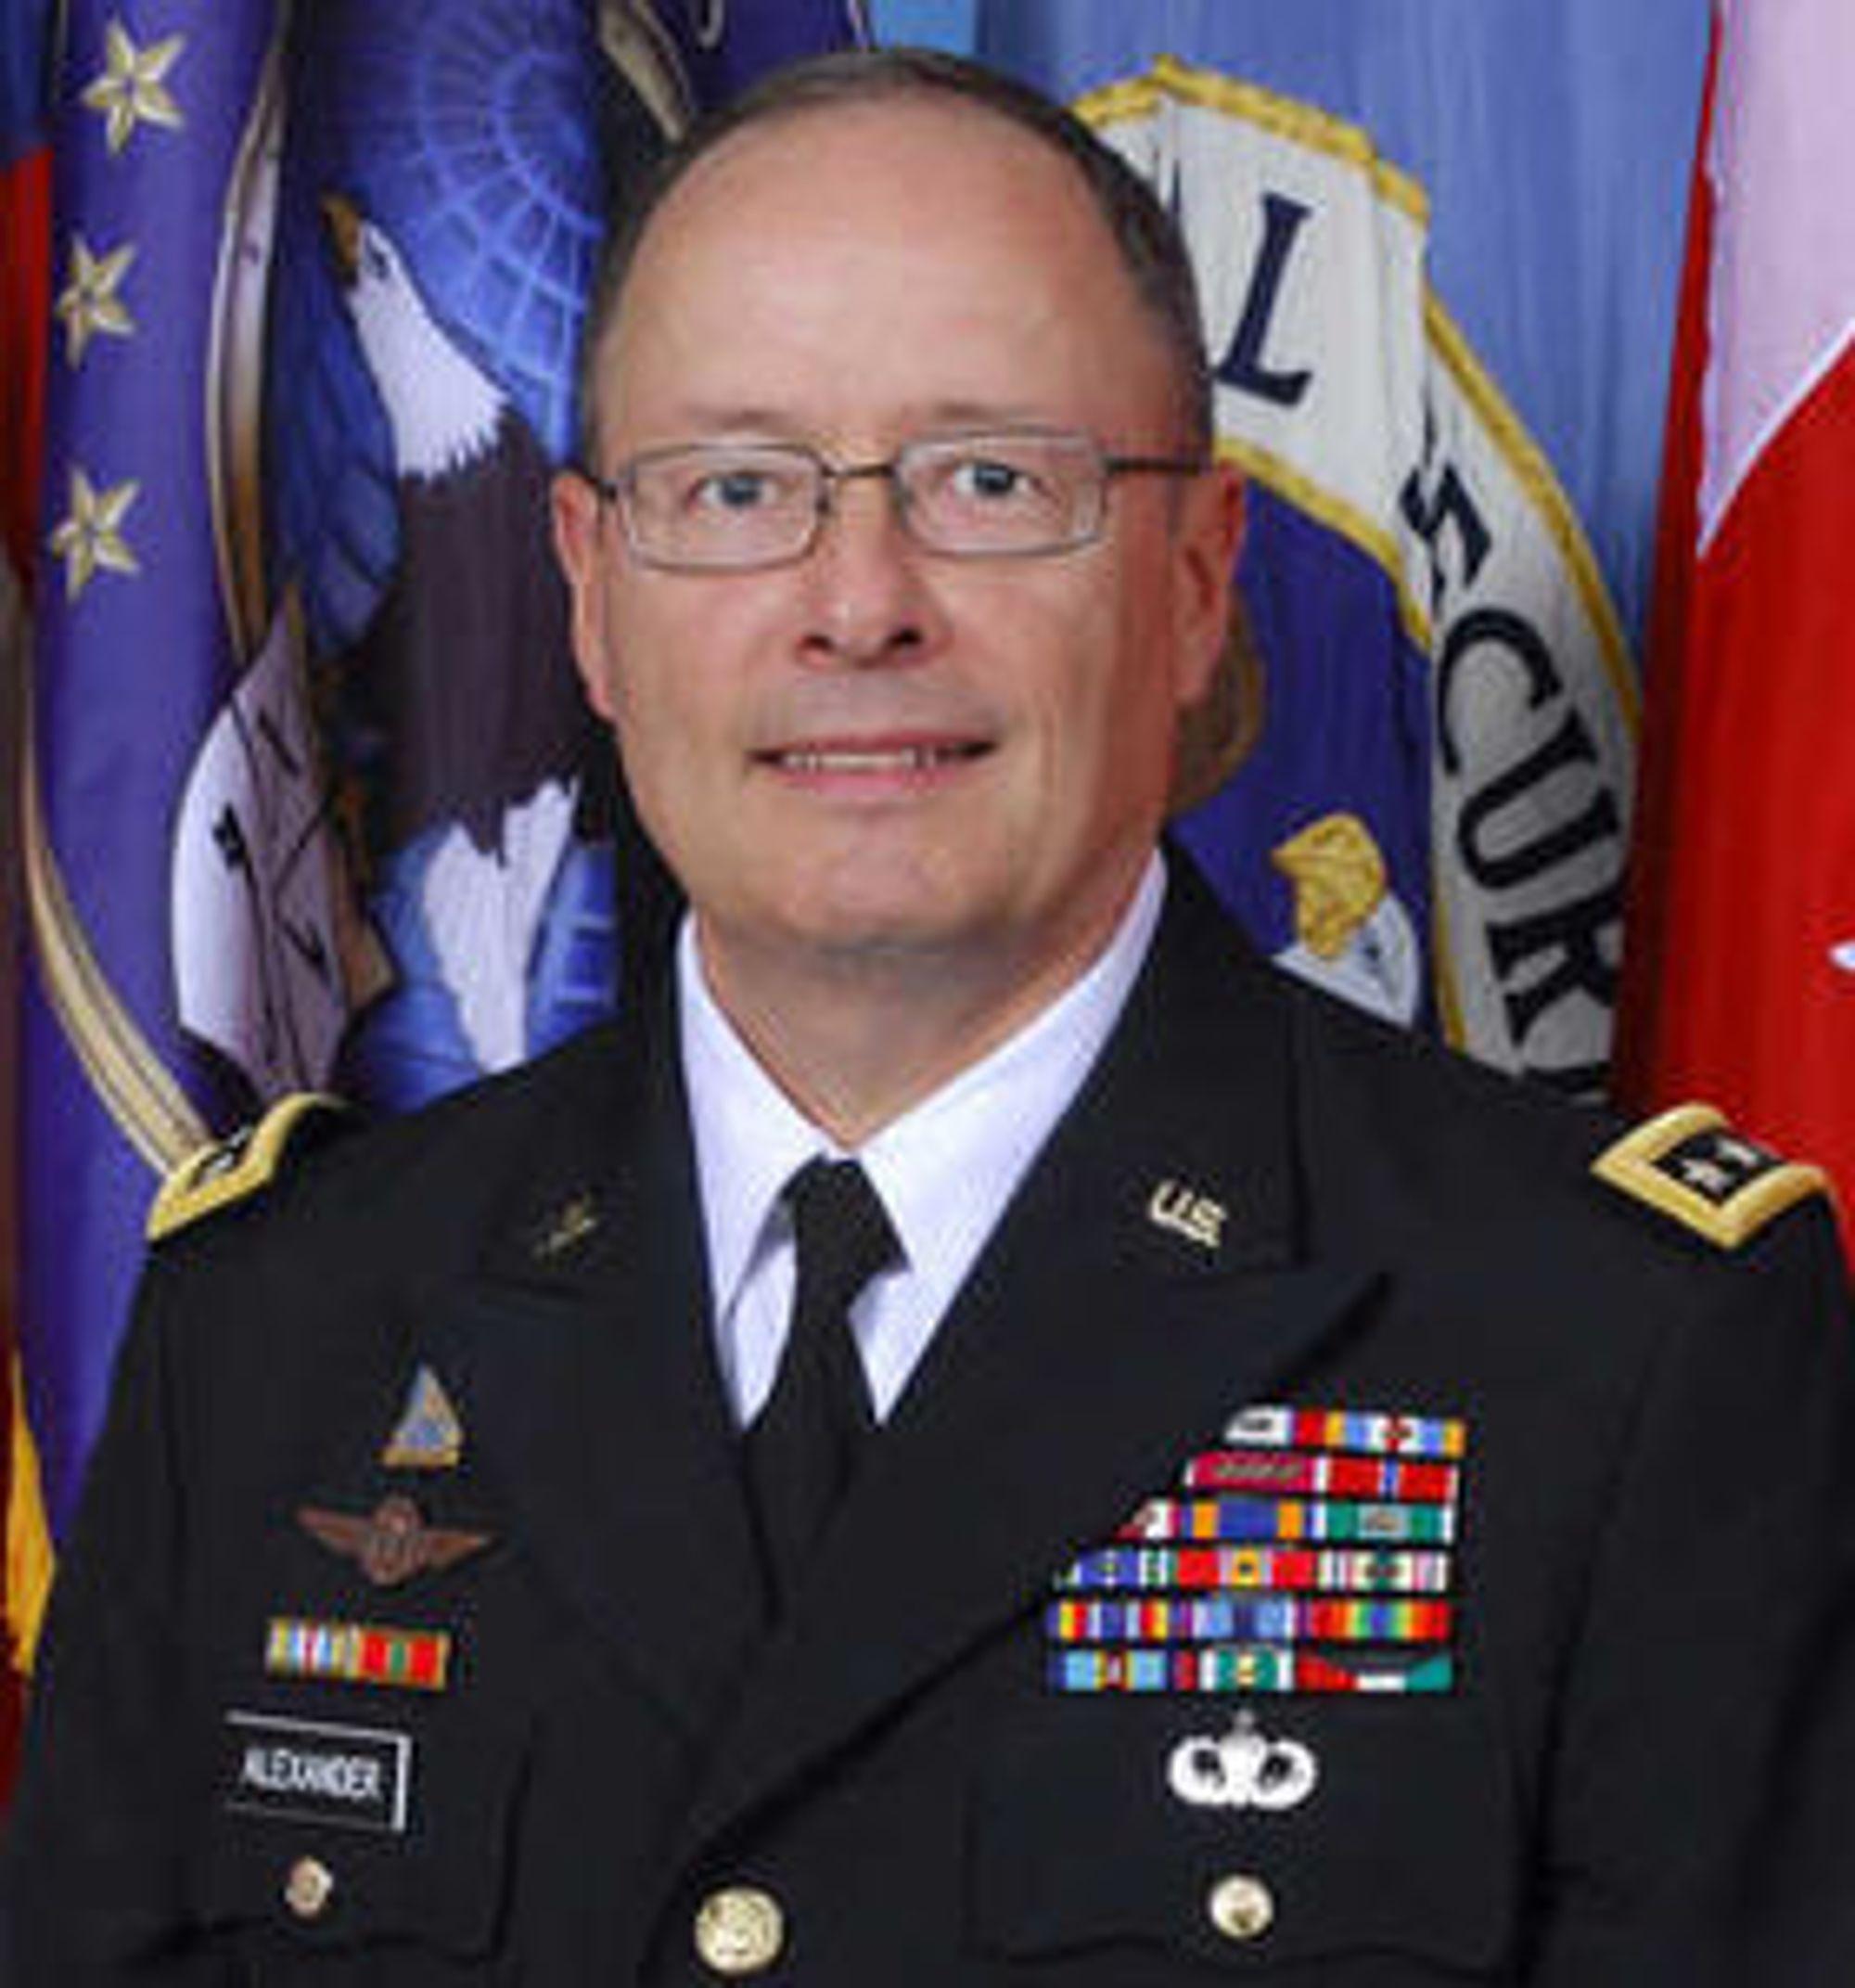 General og NSA-sjef, Keith Alexander, fortalte i forrige uke om nye tiltak som NSA vil gjøre for å bedre sikkerheten. Han avviser at byrået har gjort noe galt, men innrømmer at det må komme med mer informasjon om hva det faktisk gjør.